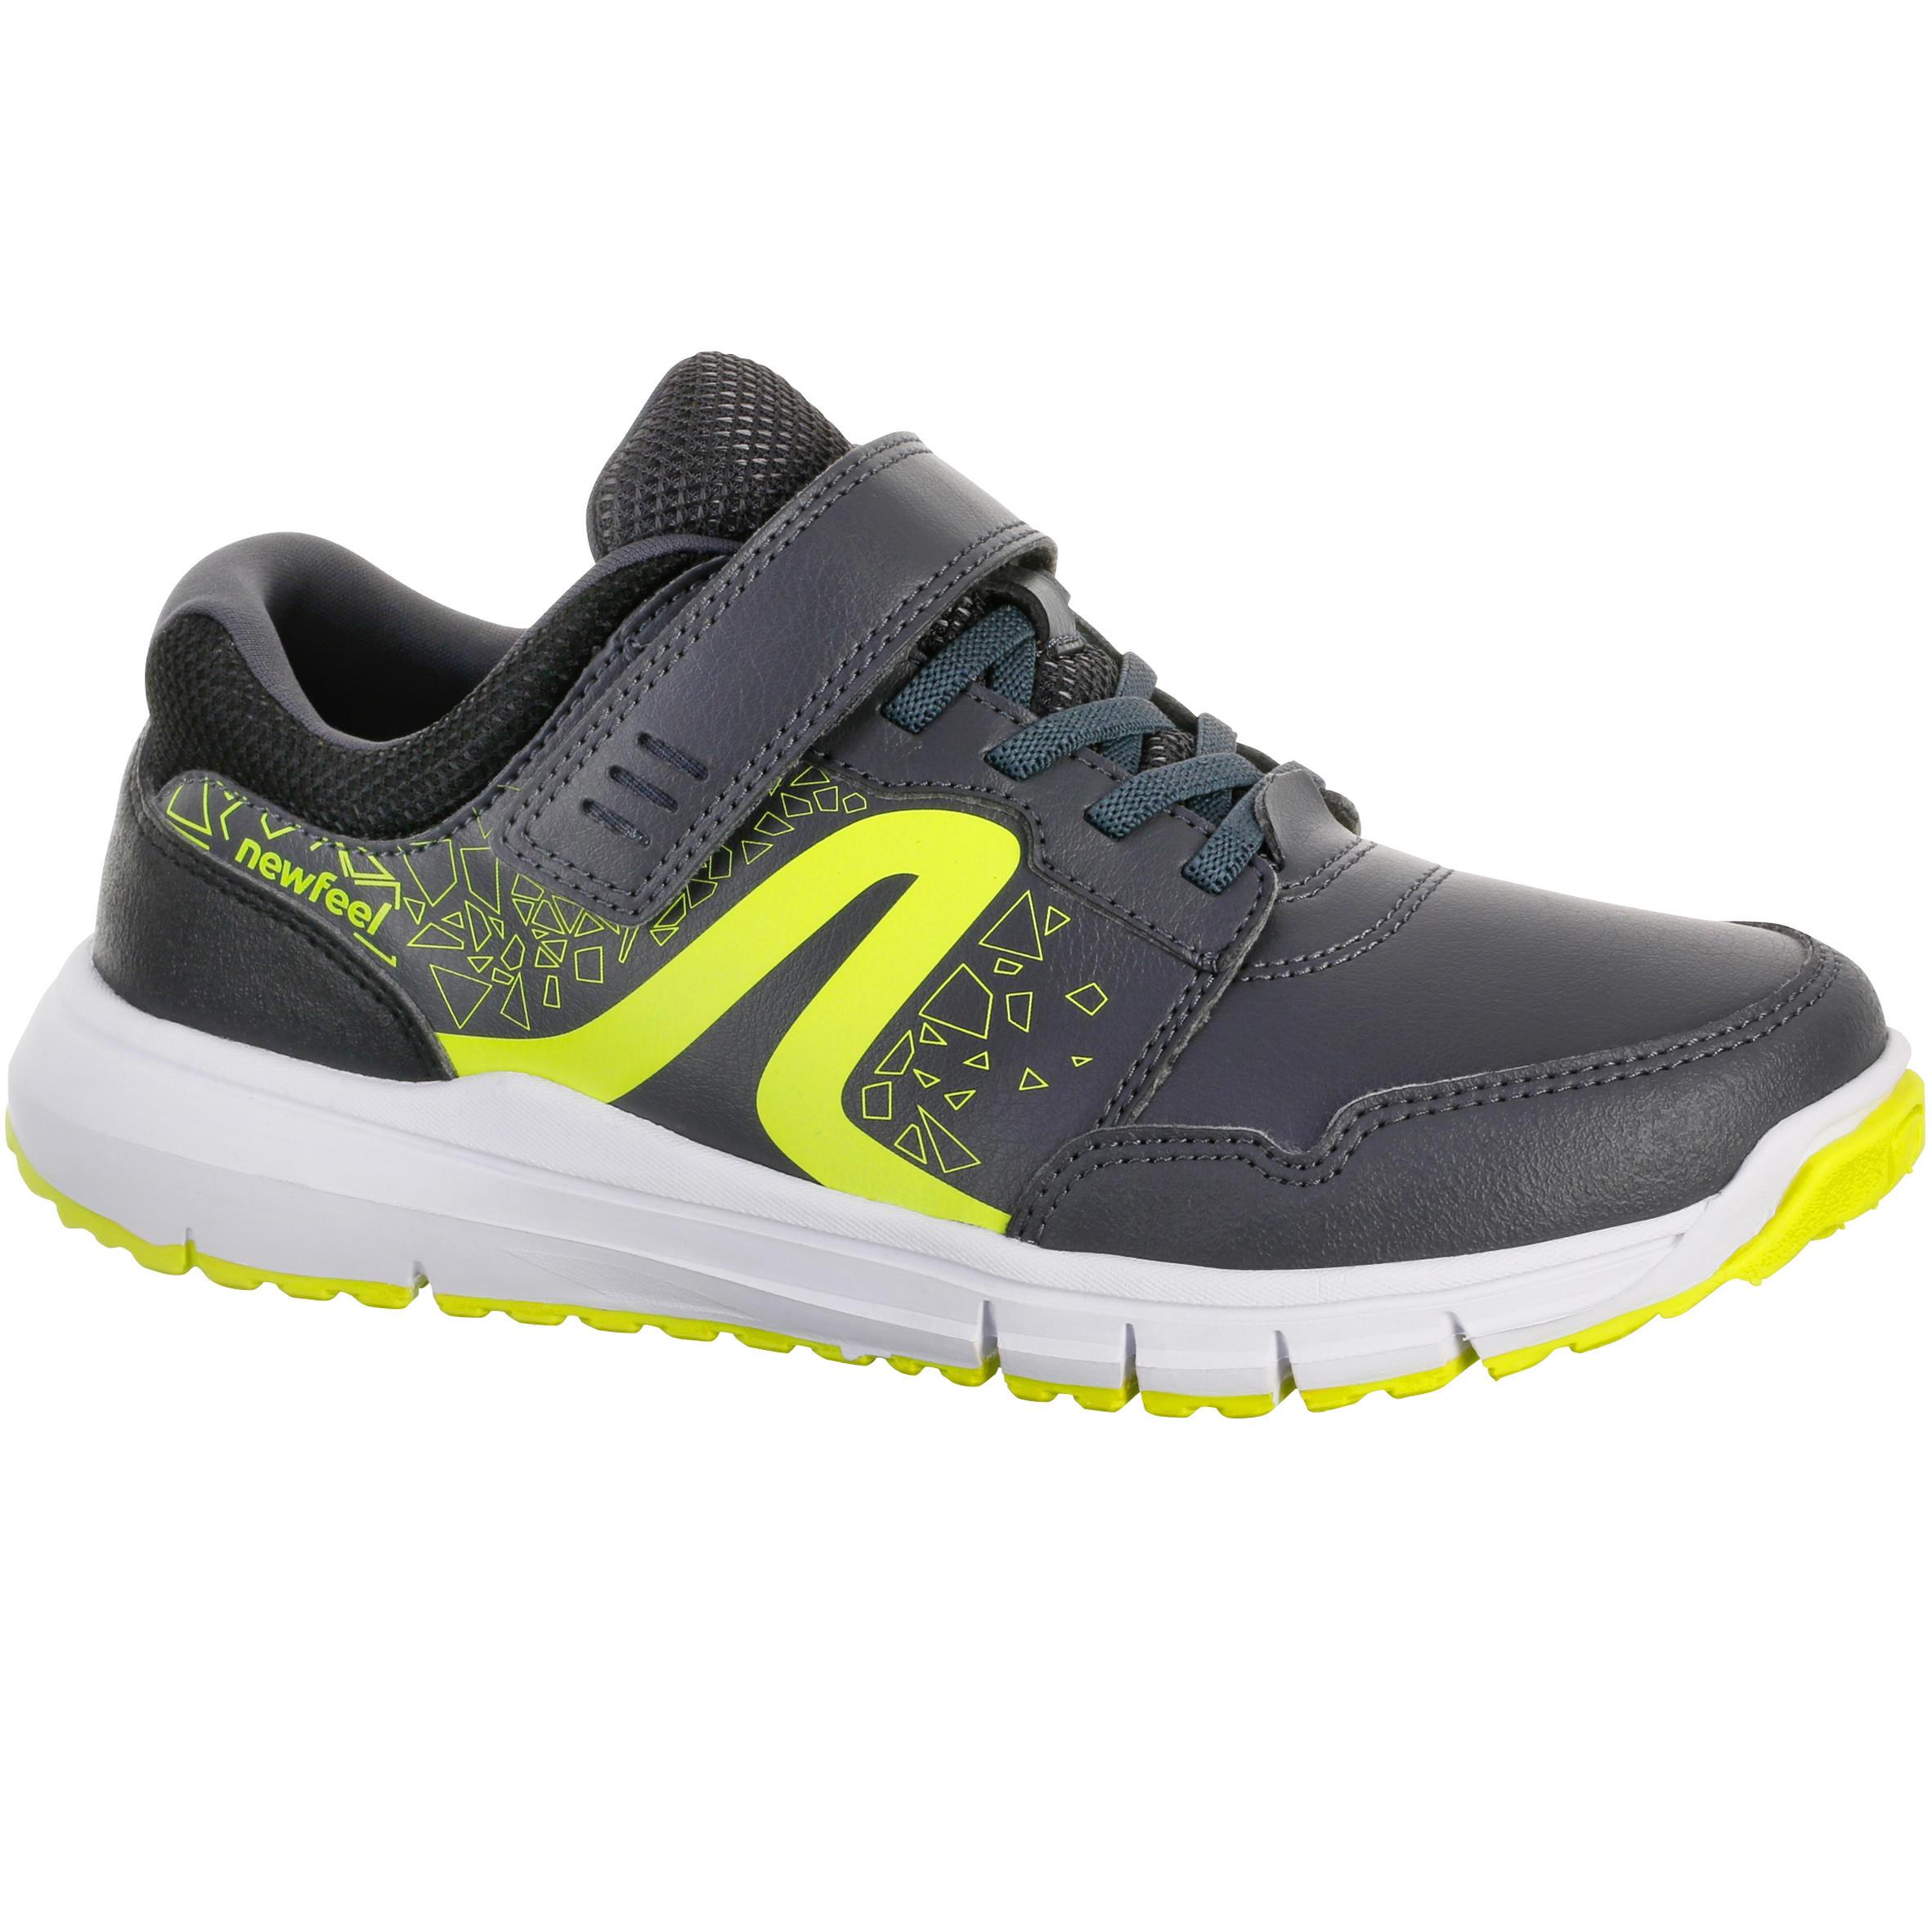 Zapatillas de marcha deportiva para niños Protect 140 blanco